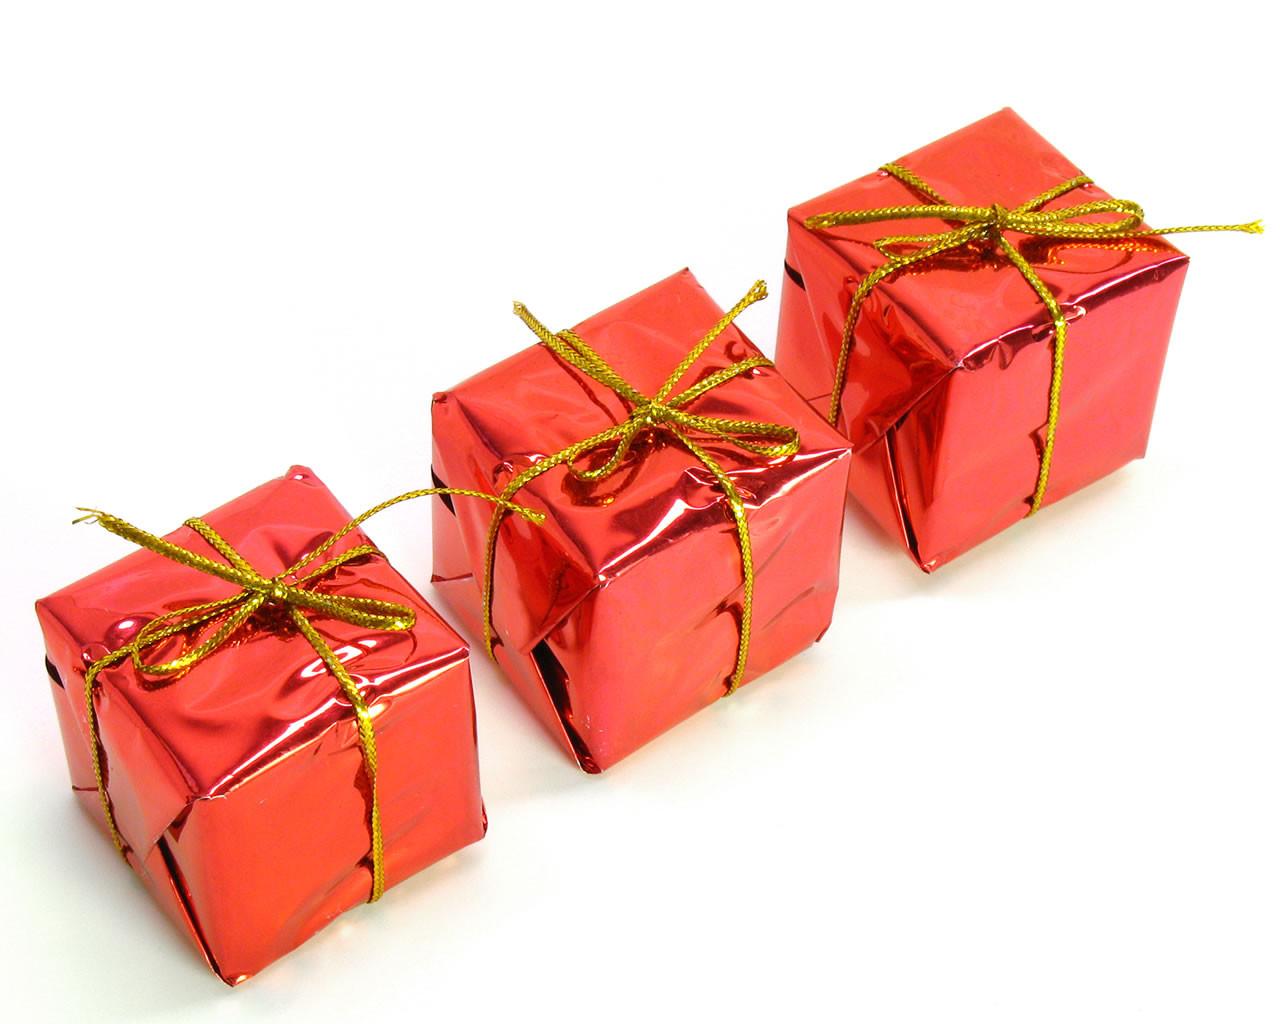 Weihnachts Geschenke  Falsche Weihnachtsgeschenke im Wert von einer Milliarde